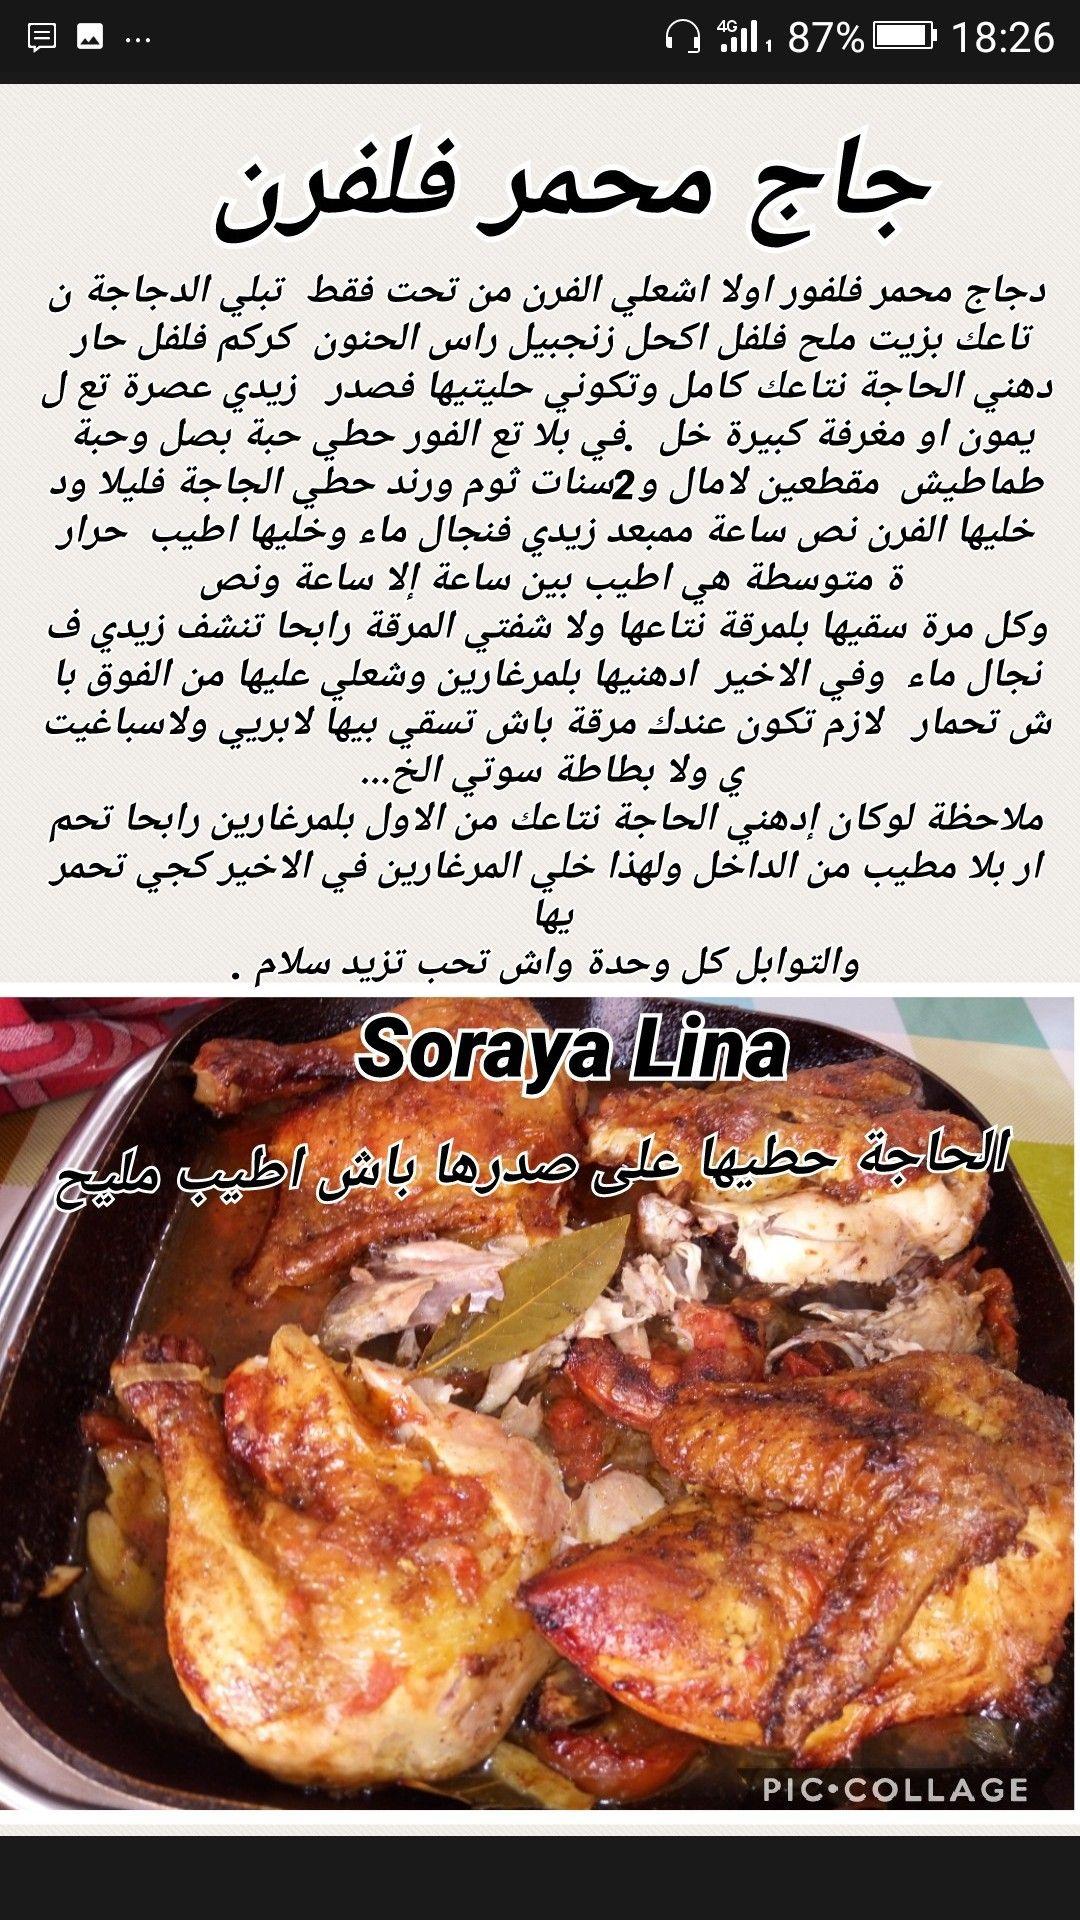 دجاج محمر في الفرن Poulet Roti Au Four Soraya Lina Recettes De Cuisine Recette De Cuisine Algerienne Recette